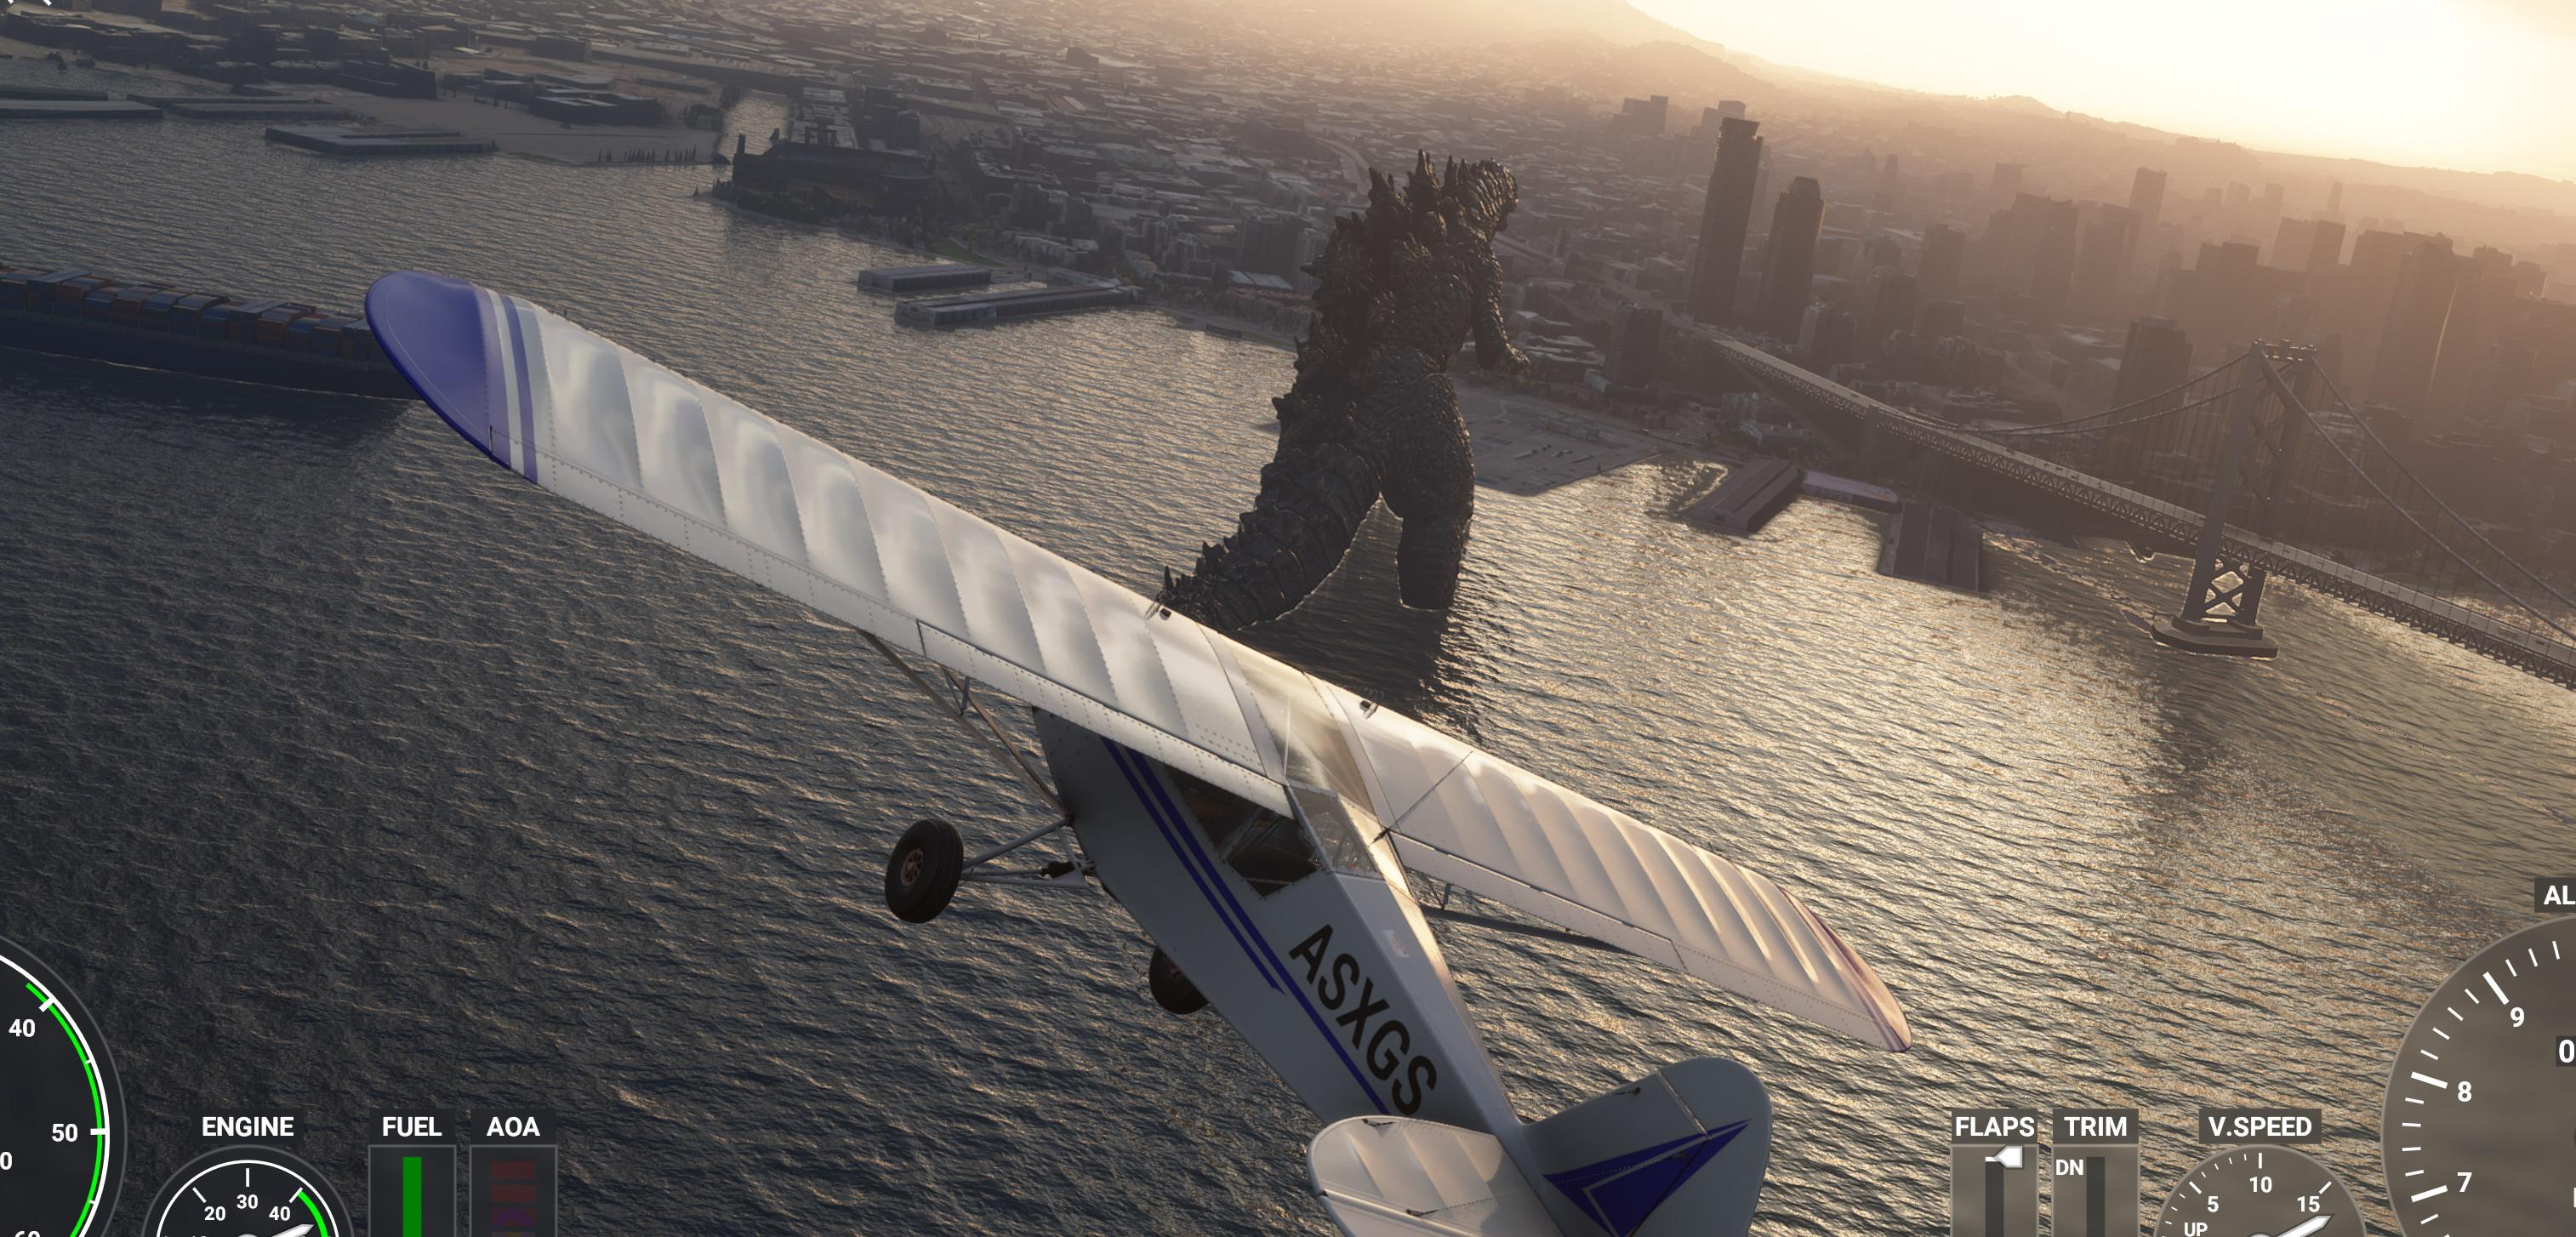 《微软飞行模拟》怪兽Mod发布 哥斯拉登陆旧金山湾